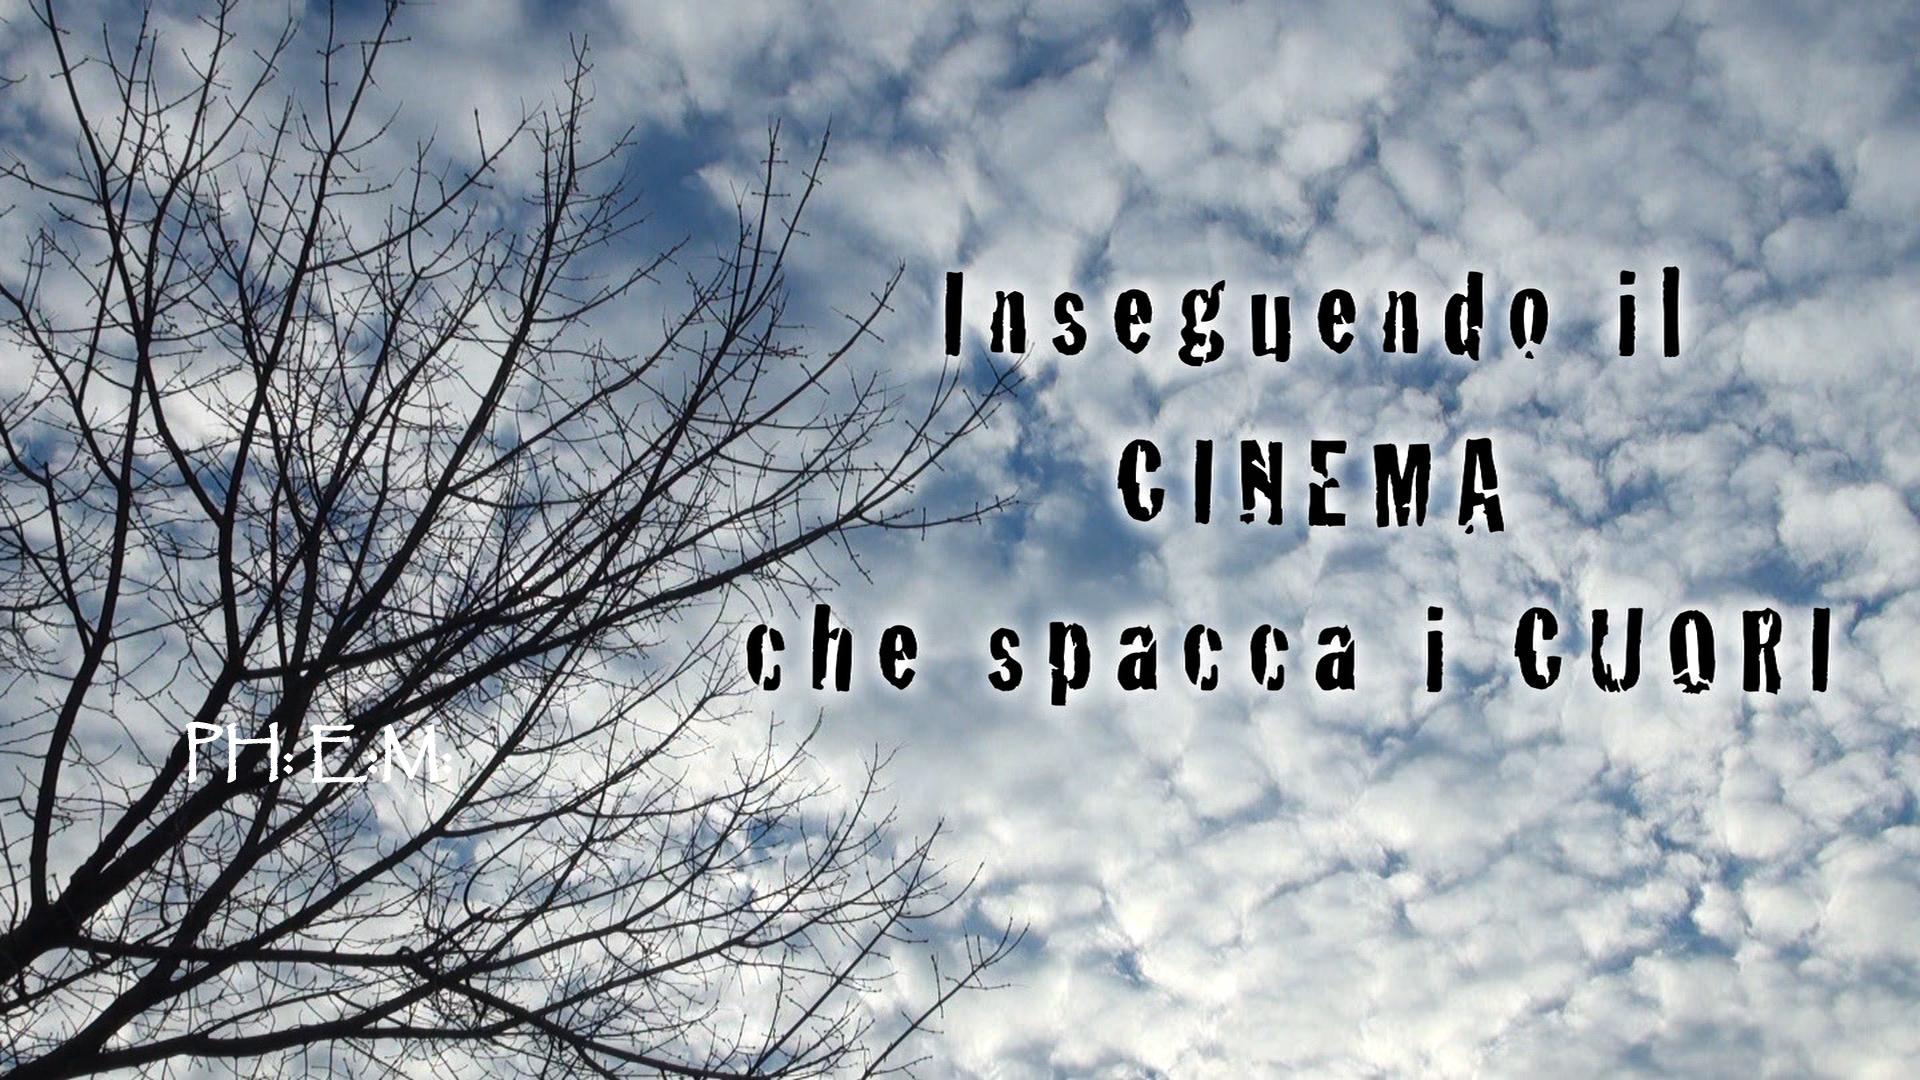 Inseguendo il Cinema che spacca i cuori - Registi Alessandro Raimondi & Vitaliano Teti, 2015